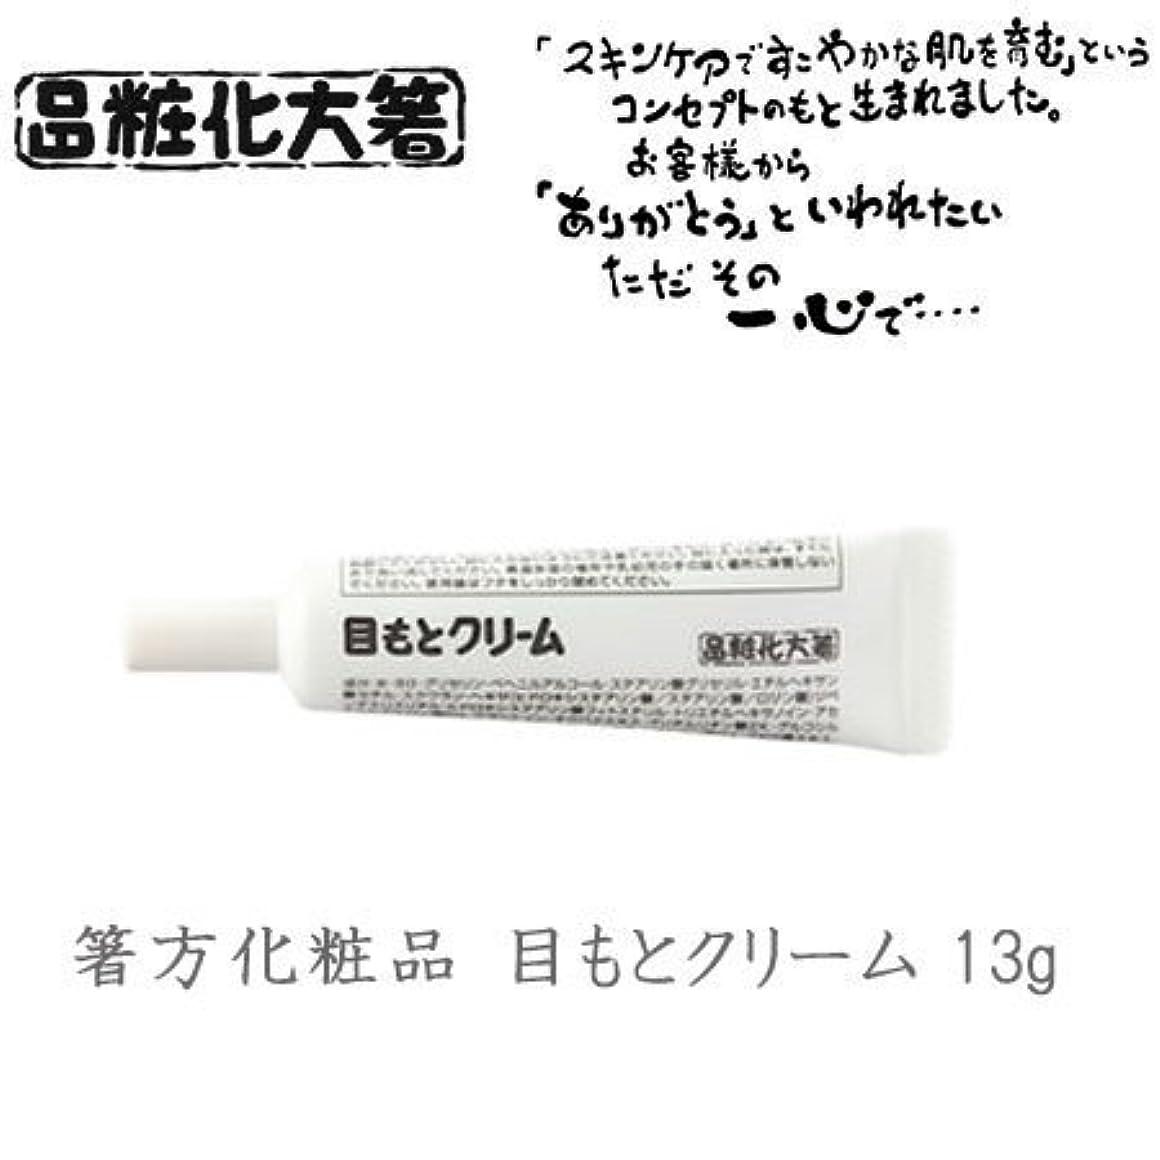 担当者薬局蜂箸方化粧品 目もとクリーム 13g はしかた化粧品